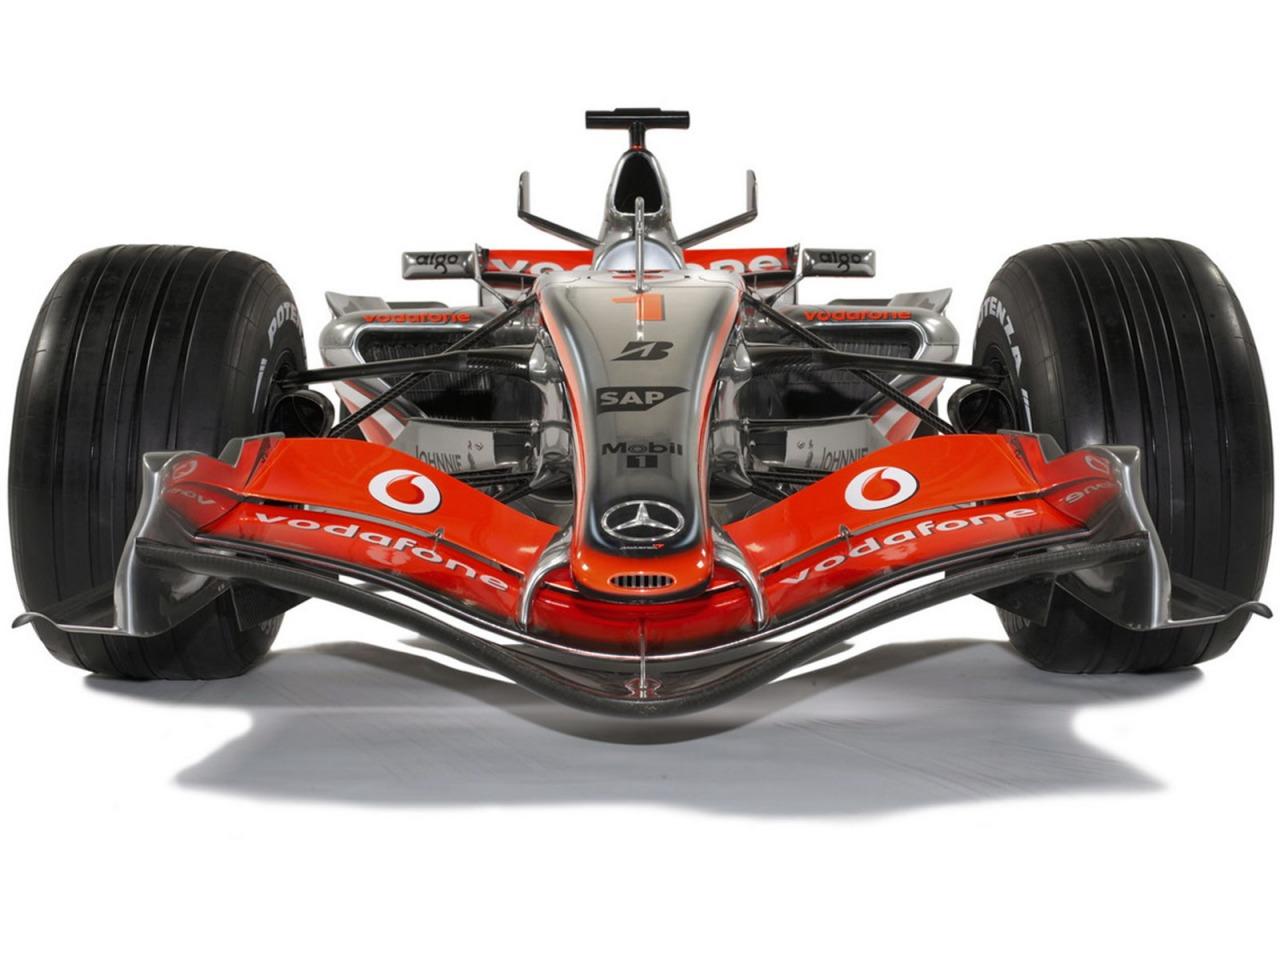 wallpaper mclaren vodafone team formula 1: